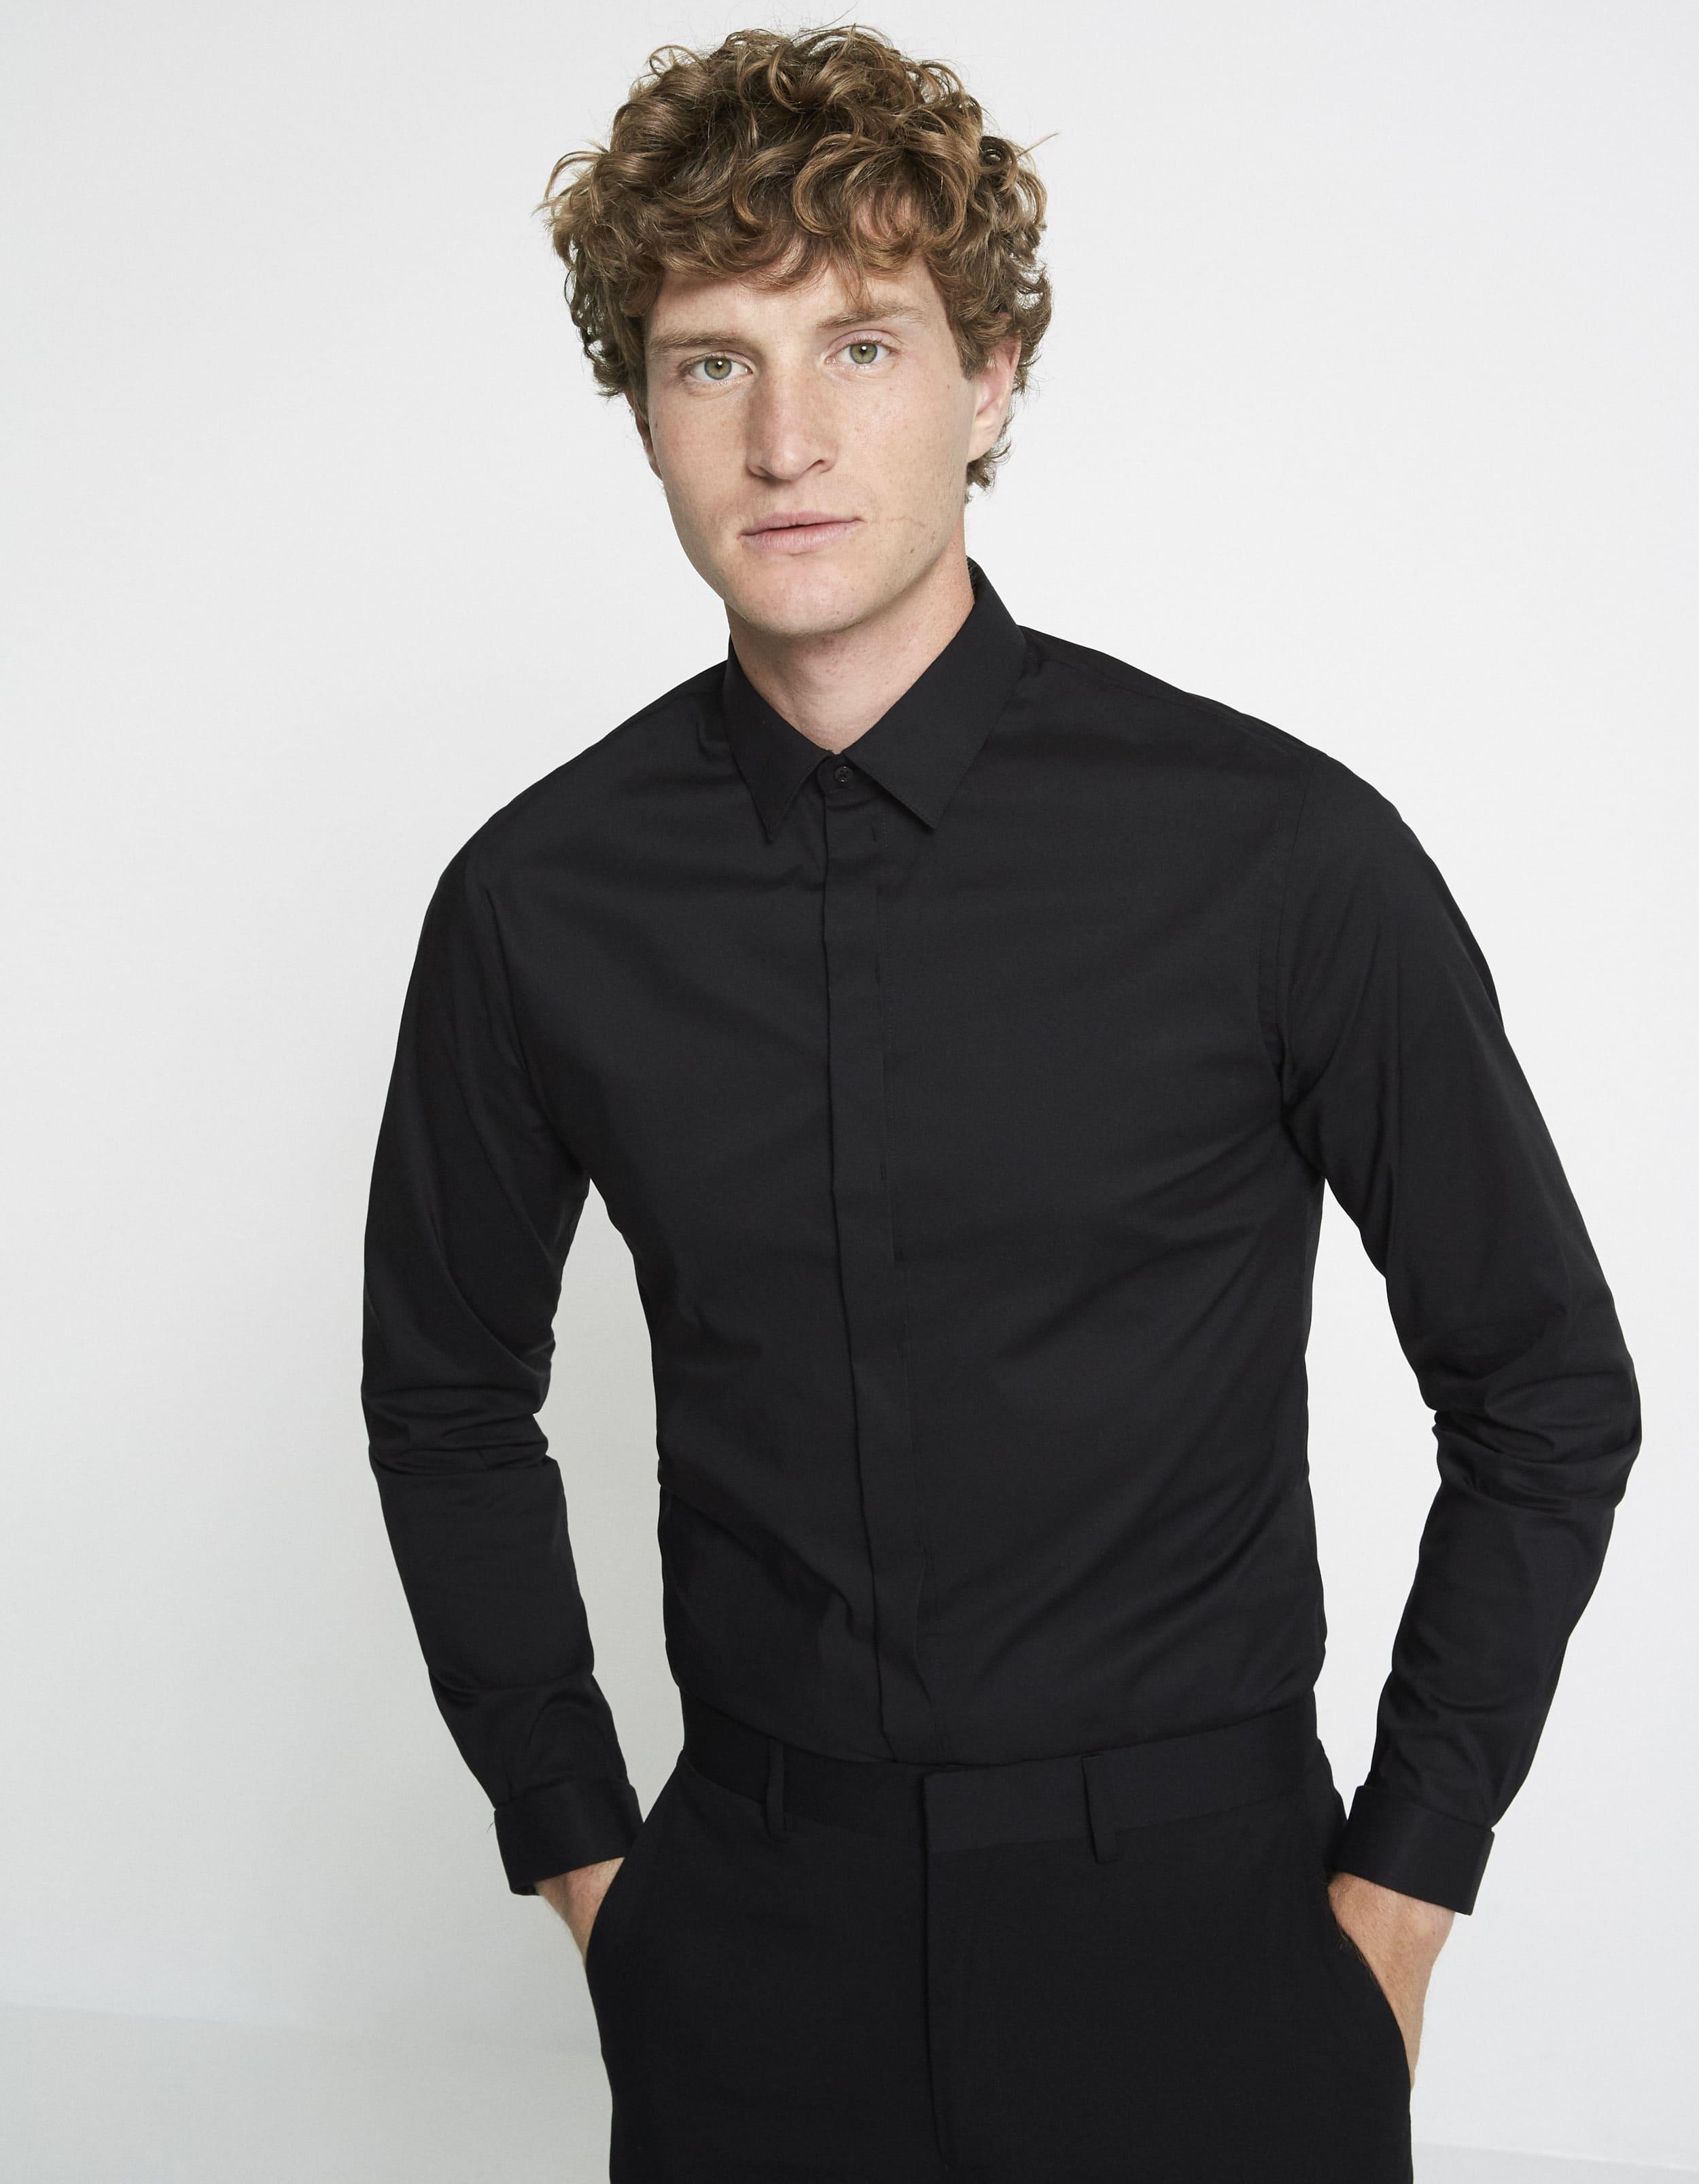 chemise extra slim stretch unie Celio Club Prix 29,99 €